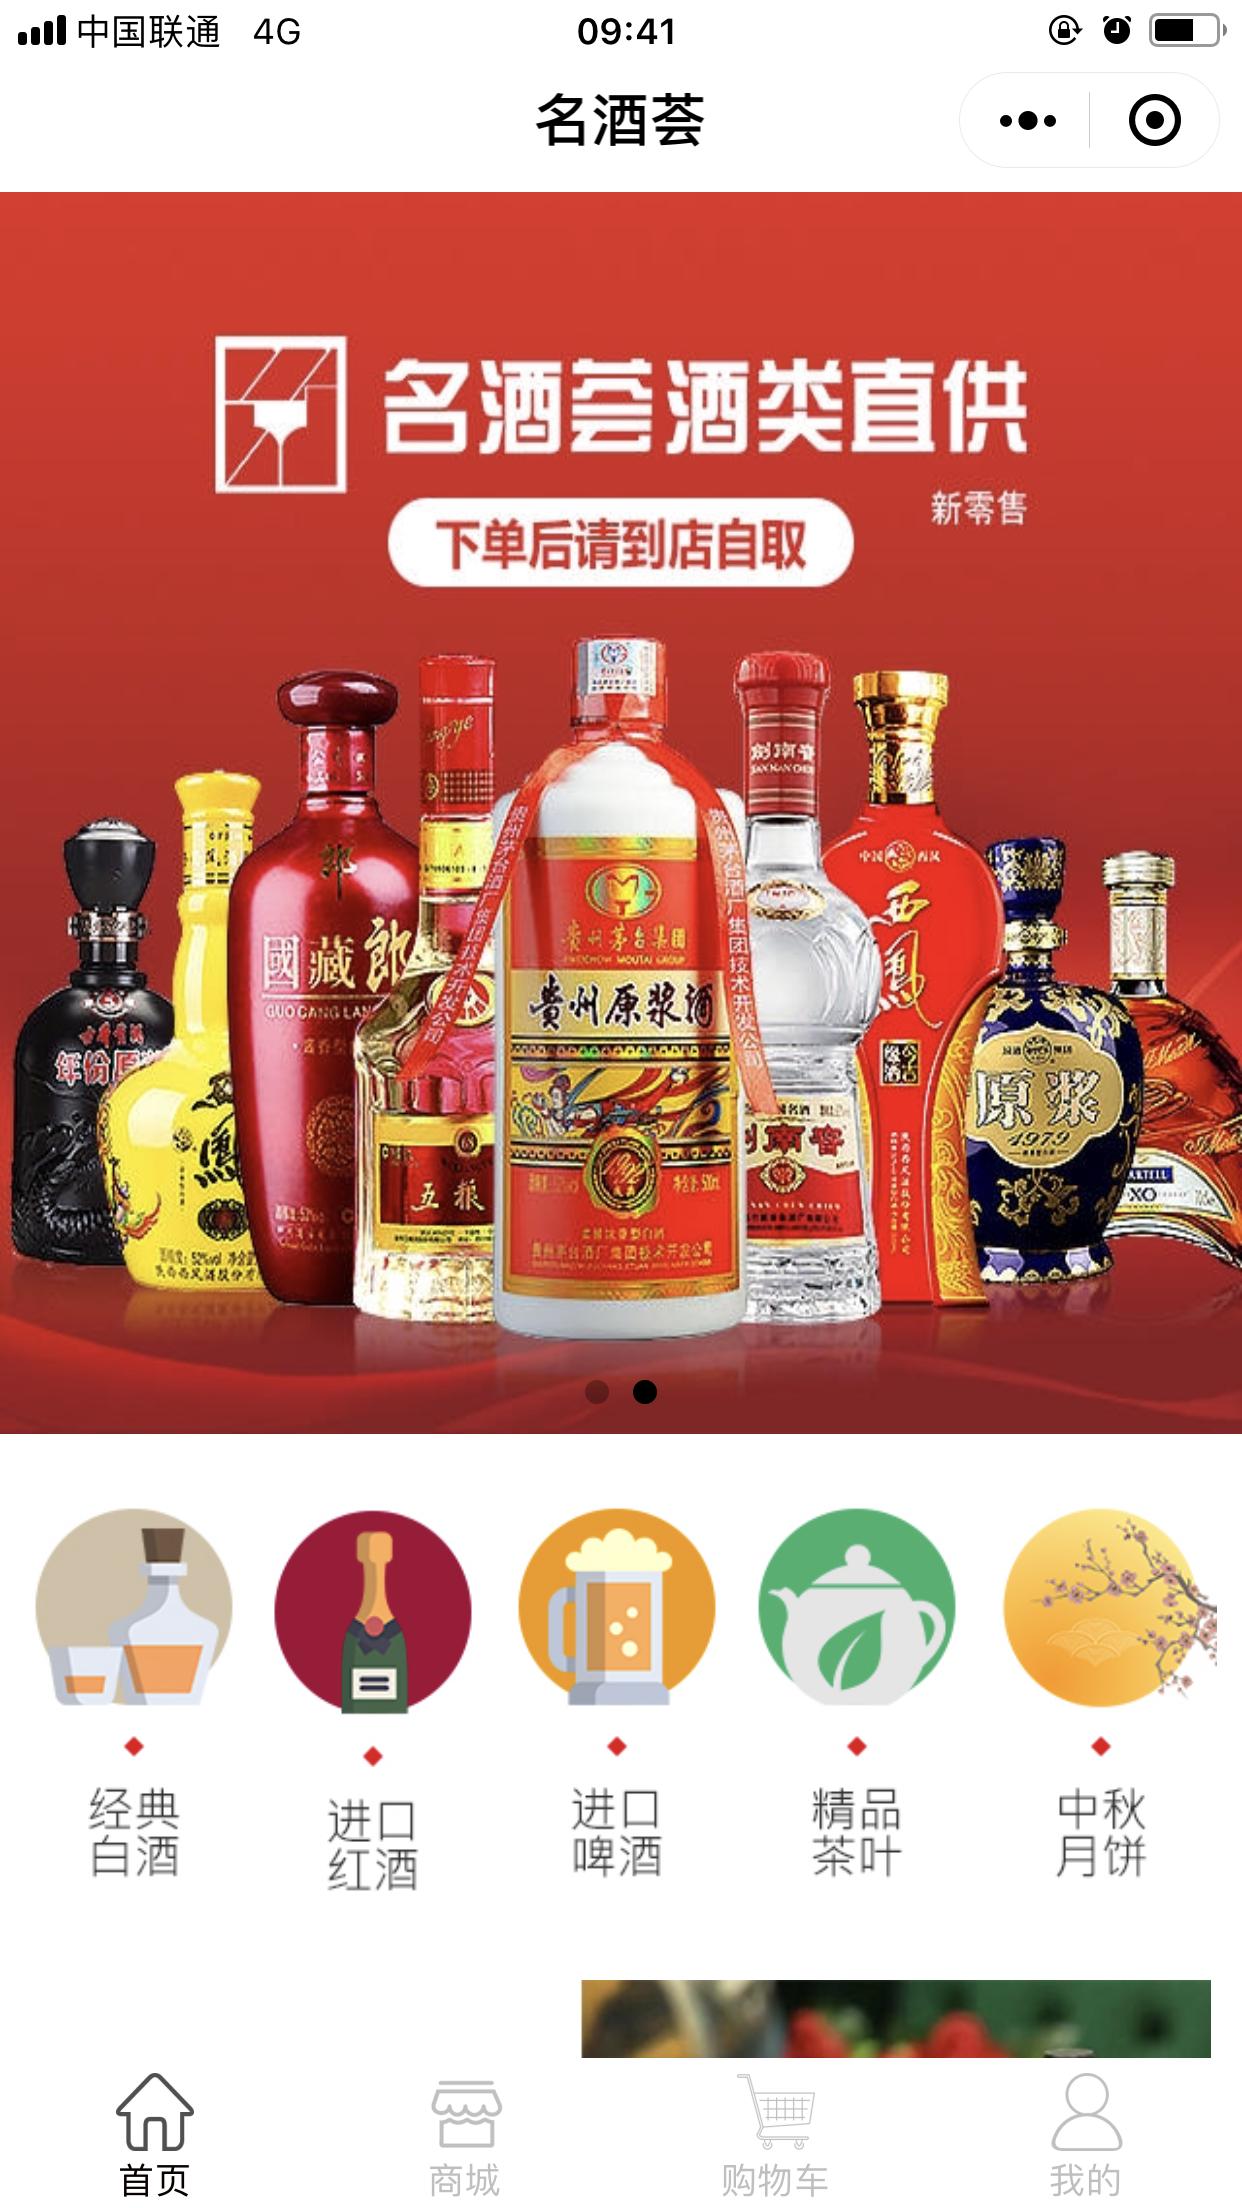 微信名酒荟酒类直营小程序